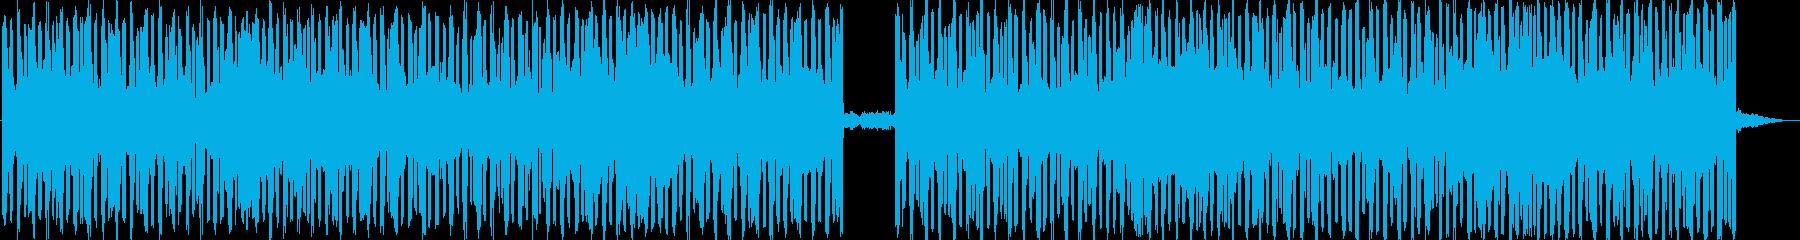 ニュース、ラジオ等の挿入BGMをイメー…の再生済みの波形